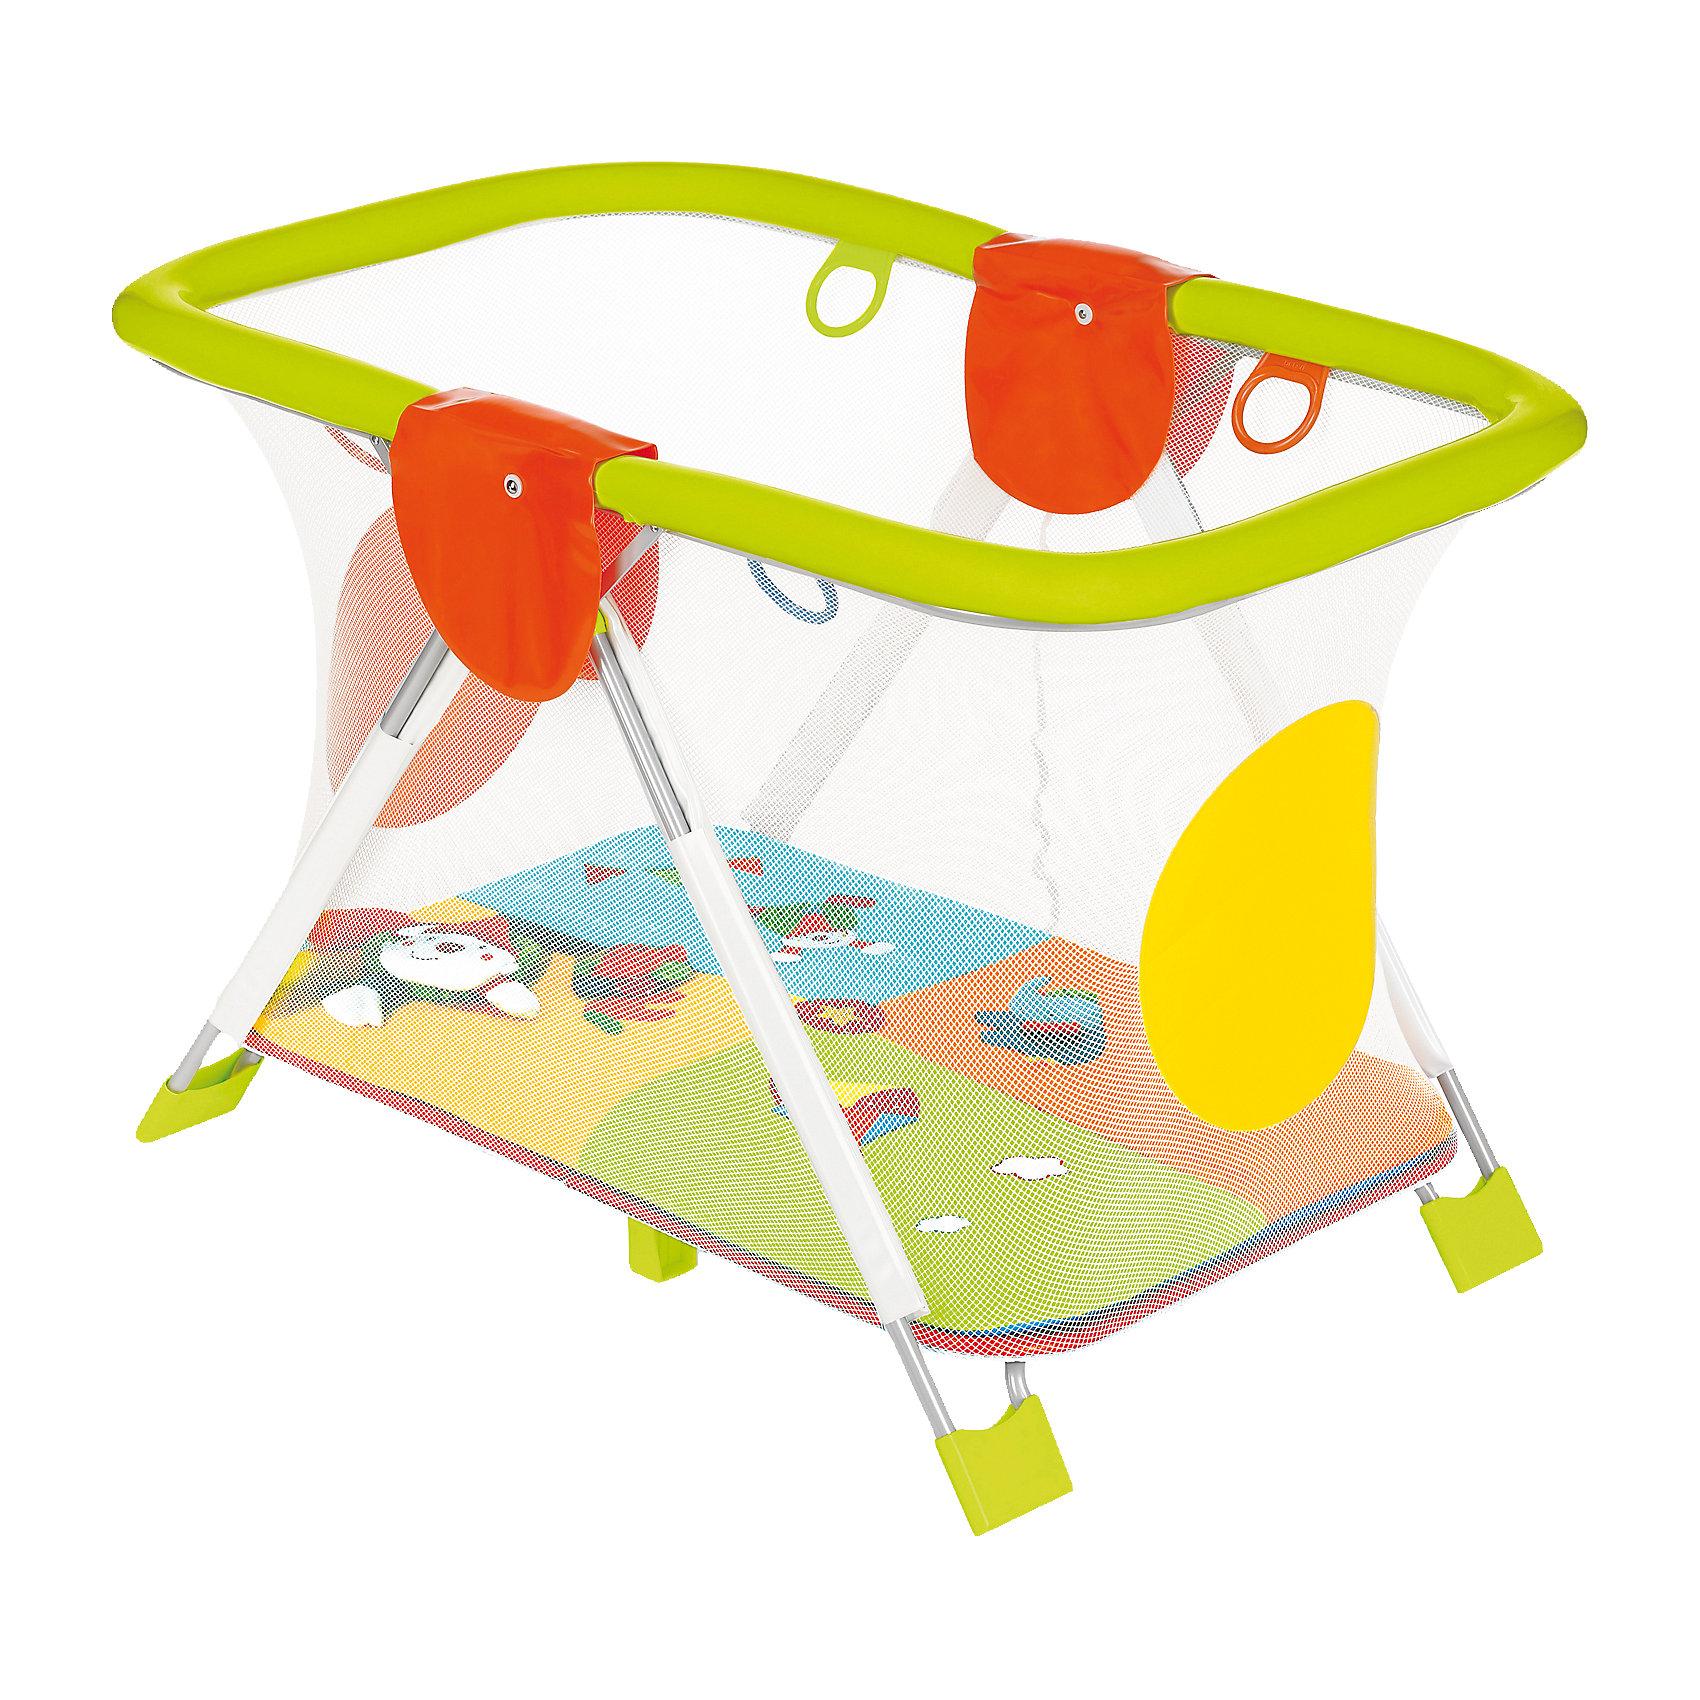 Манеж Soft Play MondoCirco, BreviИгровые манежи<br>Замечательный манеж Soft &amp; Play от Brevi (Бреви) - просто создан для активным малышей! Очень важно, чтобы вещи с которыми соприкасается малыш были безопасными, поэтому манеж Soft &amp; Play выполнен из экологичных материалов и имеет соответствующий сертификат. Манеж красивый и функциональный, он дополнит интерьер детской и привлечет внимание малыша. Главной особенностью манежа Soft &amp; Play, является то, что малышу никогда не будет скучно в нем! Коврик с разнообразными игрушками на дне манежа не только развлечет кроху, но и поможет ему развивать моторику и координацию движений. Манеж Soft &amp; Play продуман до мелочей: он очень компактно складывается одним движением, и Вы можете даже не убирать из него игрушки. Тканевые элементы манежа очень легко постирать, благодаря чему манеж всегда будет выглядеть как новый! <br><br>Дополнительная информация:<br><br>- Материал Pполивинил хлорид без фталатов соответствует нормам 2005/84/EC;<br>- Множество развивающих игрушек;<br>- Красивый развивающий манеж;<br>- Бортики из сетки для прекрасного обзора и эффективной вентиляции;<br>- Мягкие края защитят от ударов;<br>- Четыре надежных блокиратора не позволят перевернуть манеж даже активному малышу;<br>- Четыре специальные ручки помогут малышу научиться вставать;<br>- Компактно складывается, удобен для хранения;<br>- Тканевые элементы легко стирать в стиральной машине;<br>- На дне манежа забавный игровой коврик;<br>- Дизайн:  MondoCirco;<br>- Размер: 111 х 80 х 85 см;<br>- Размер в сложенном виде: 111 х 25 см;<br>- Вес: 10,8 кг<br><br>Манеж Soft &amp; Play MondoCirco, Brevi (Бреви) можно купить в нашем интернет-магазине.<br><br>Ширина мм: 230<br>Глубина мм: 920<br>Высота мм: 1110<br>Вес г: 10900<br>Возраст от месяцев: 3<br>Возраст до месяцев: 36<br>Пол: Унисекс<br>Возраст: Детский<br>SKU: 4041155